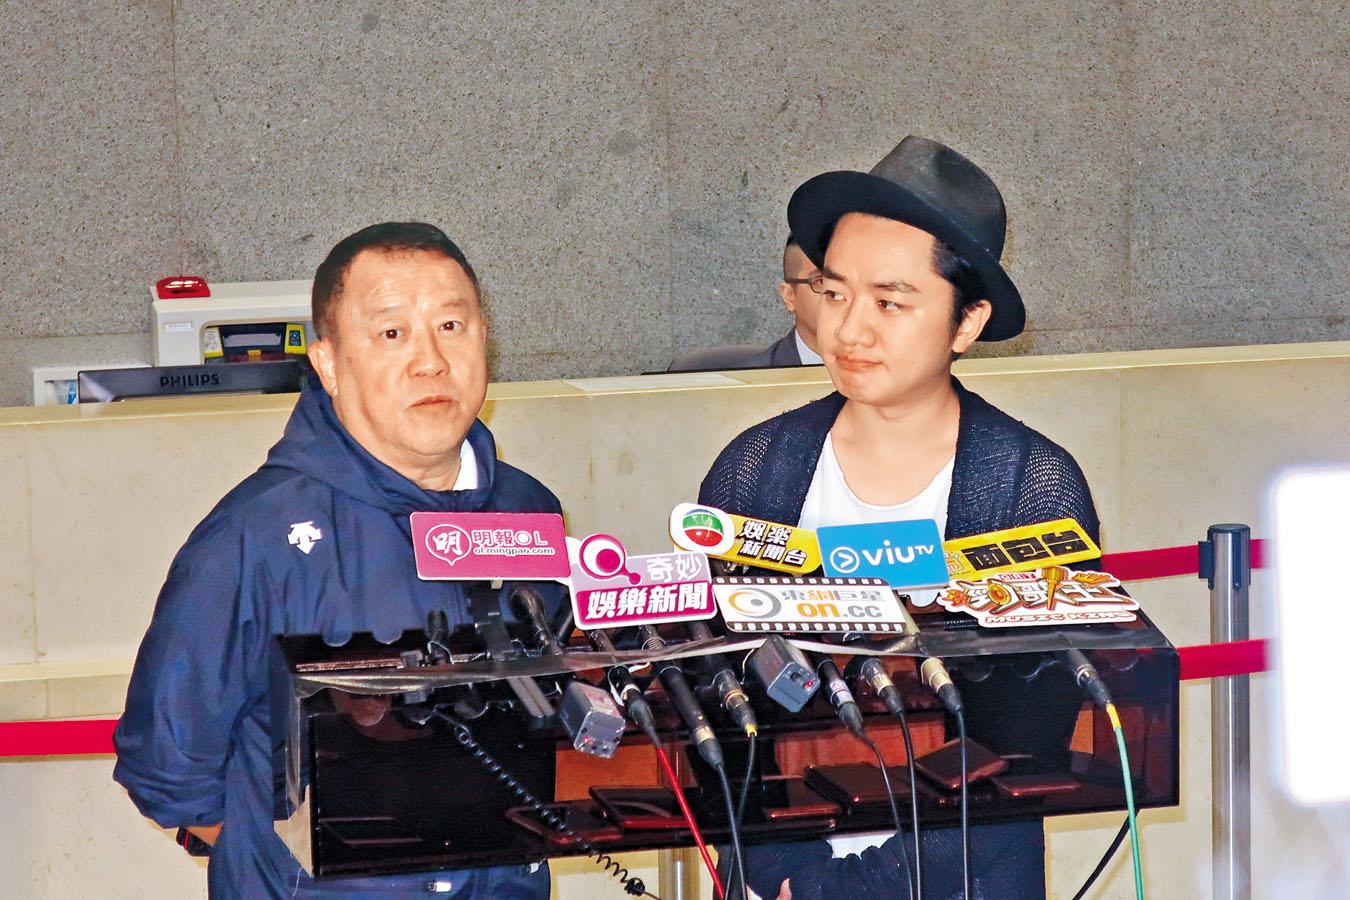 志偉與祖藍由《獎門人》年代開始合作,兩人默契十足。  ������ɤ��a�o�i��|�A�Q���F������P�S���|���A���X�a���i�Ϋس]�ʪ����C��|����(Eric Tsang Chi Wai)(��,L)�P���Ѫ�ï¿?Wong Cho Lam)(�k,R)������X�ݡC2018/09/04��ï¿?�T��36